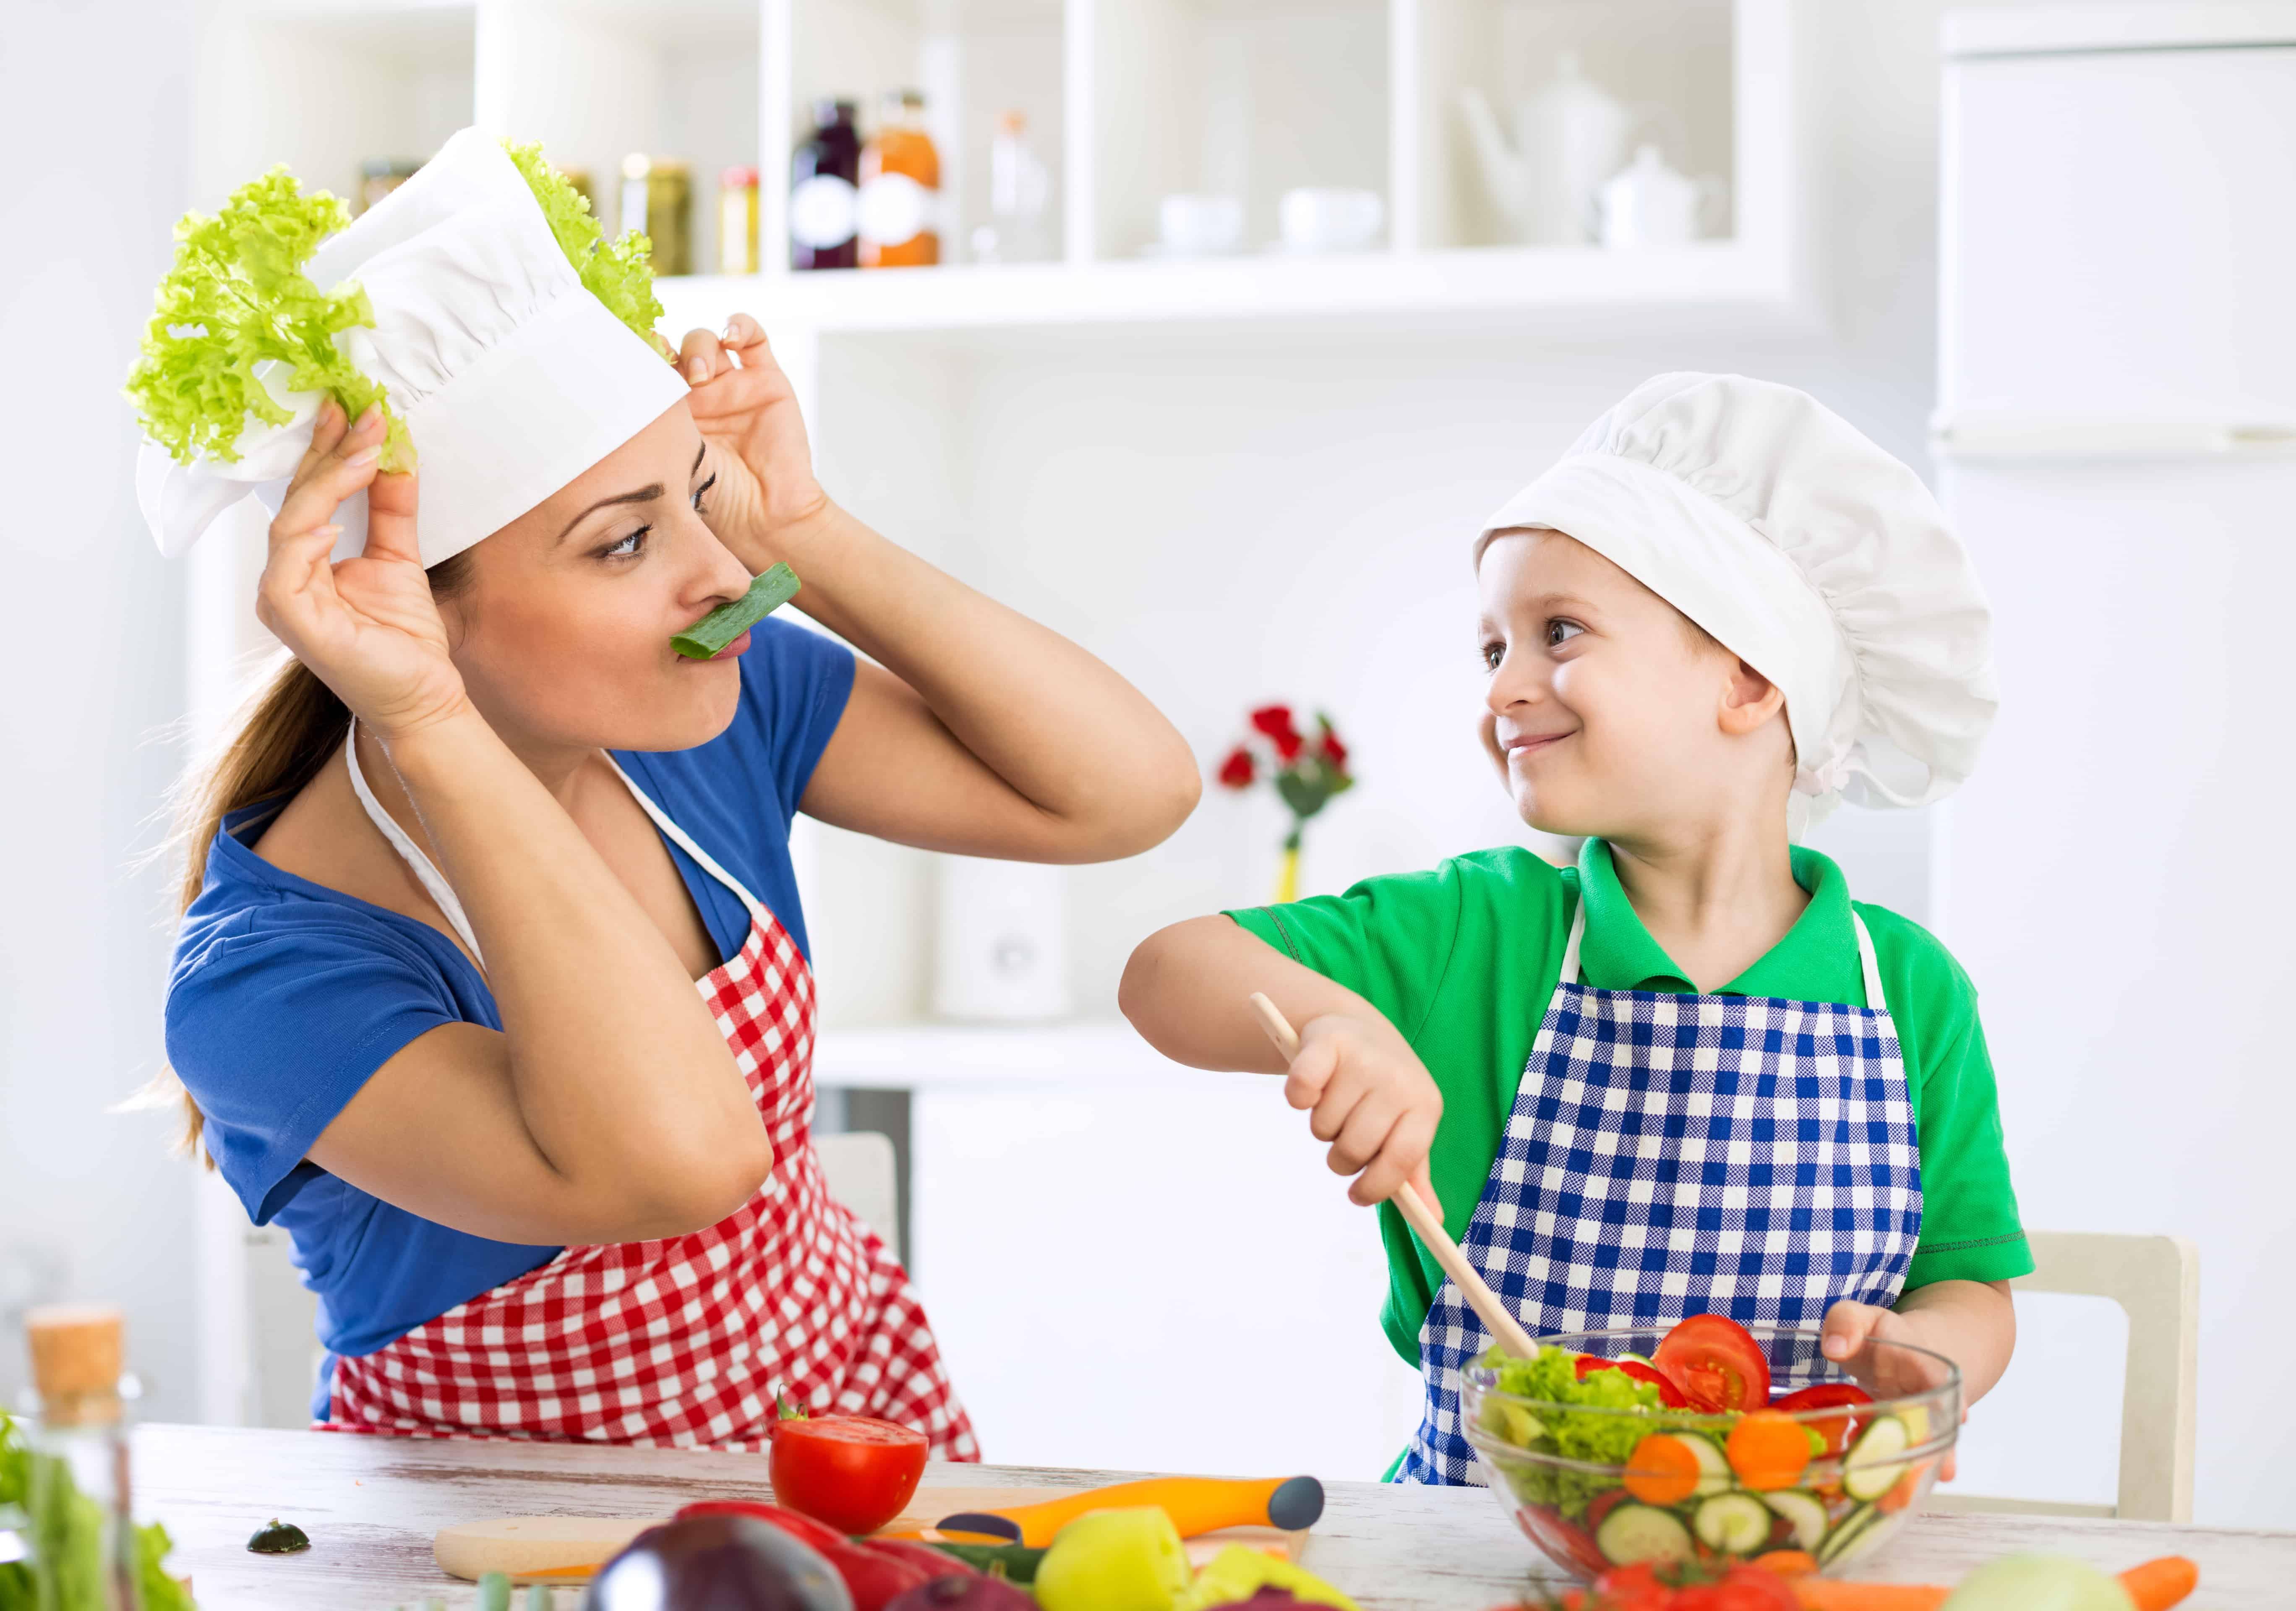 secretele mamelor fericite - echilibrul si pozitivismul mama și copil în bucătărie gătesc